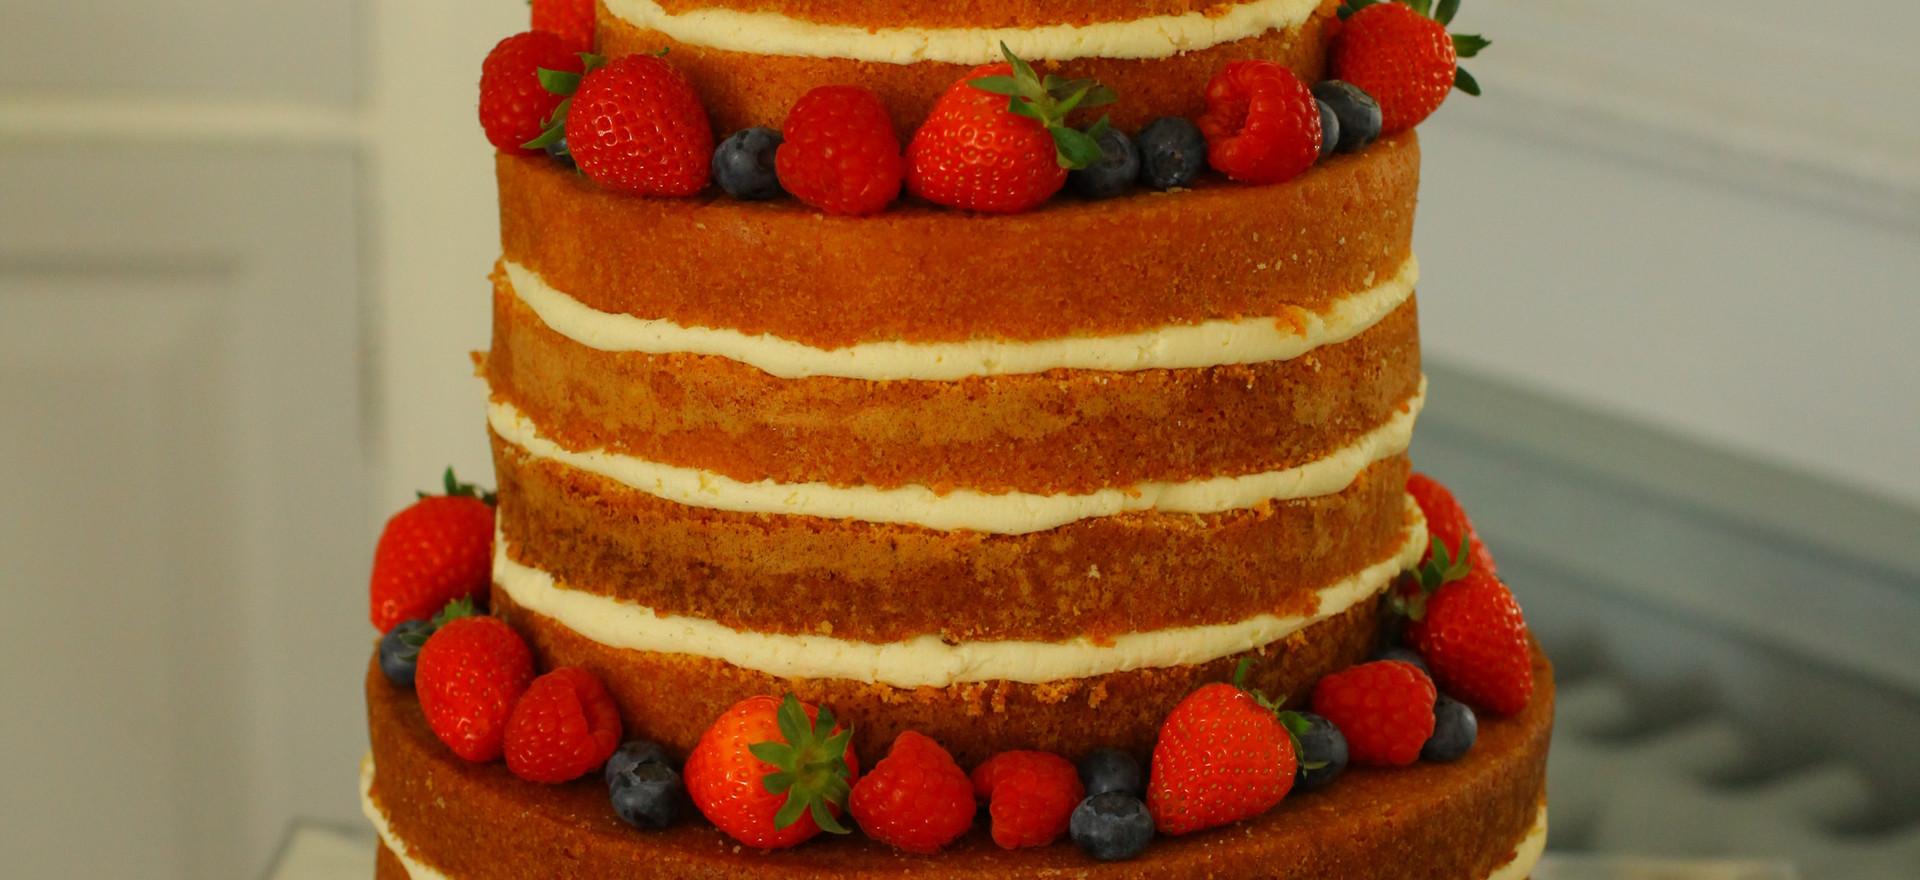 'Naked' cake with fresh summer fruits